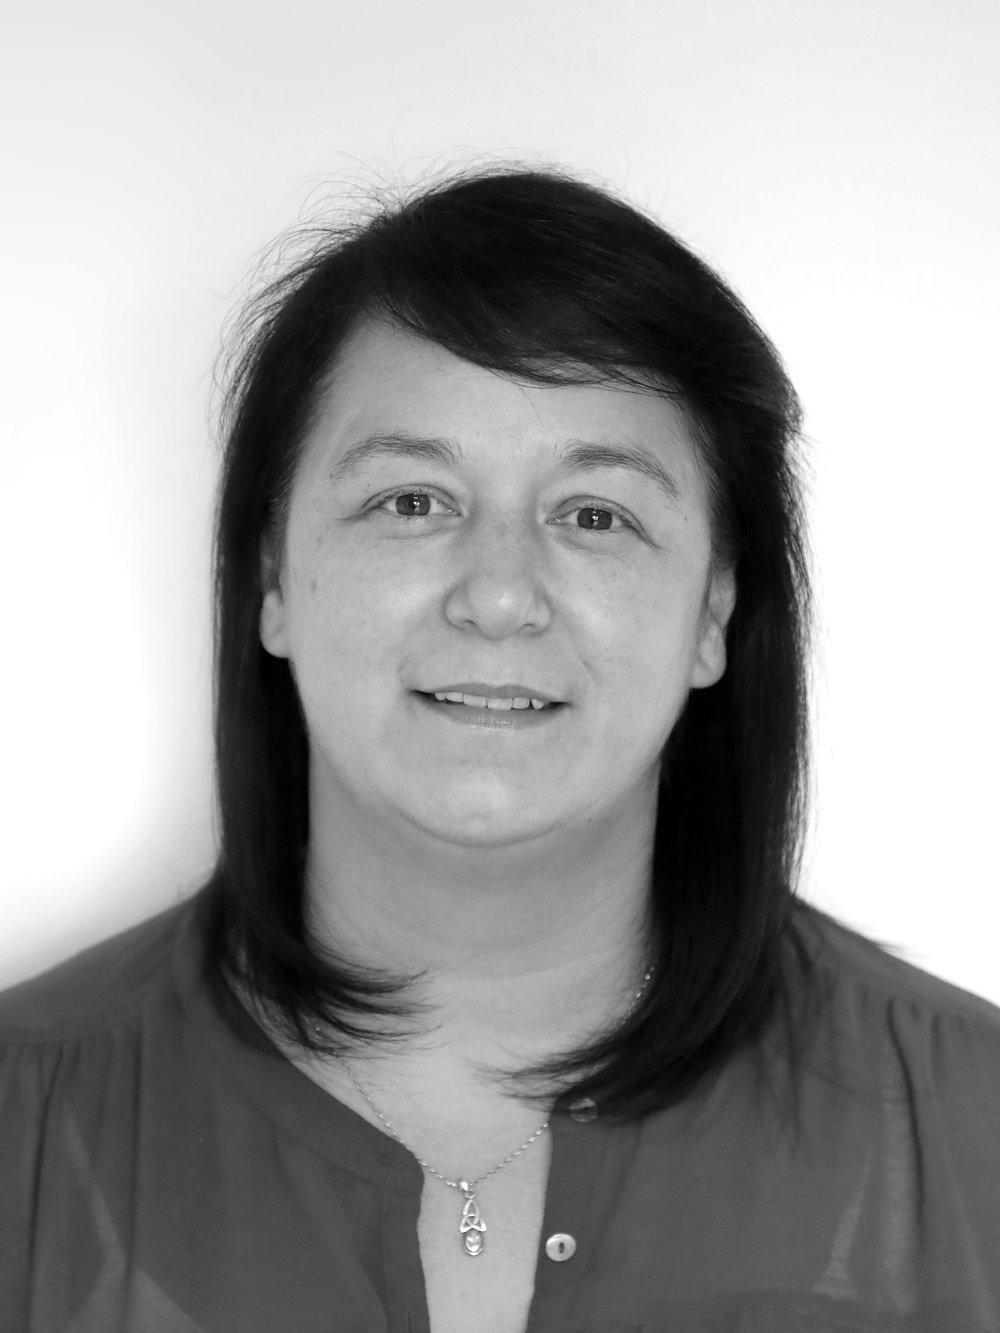 Audrey Pate